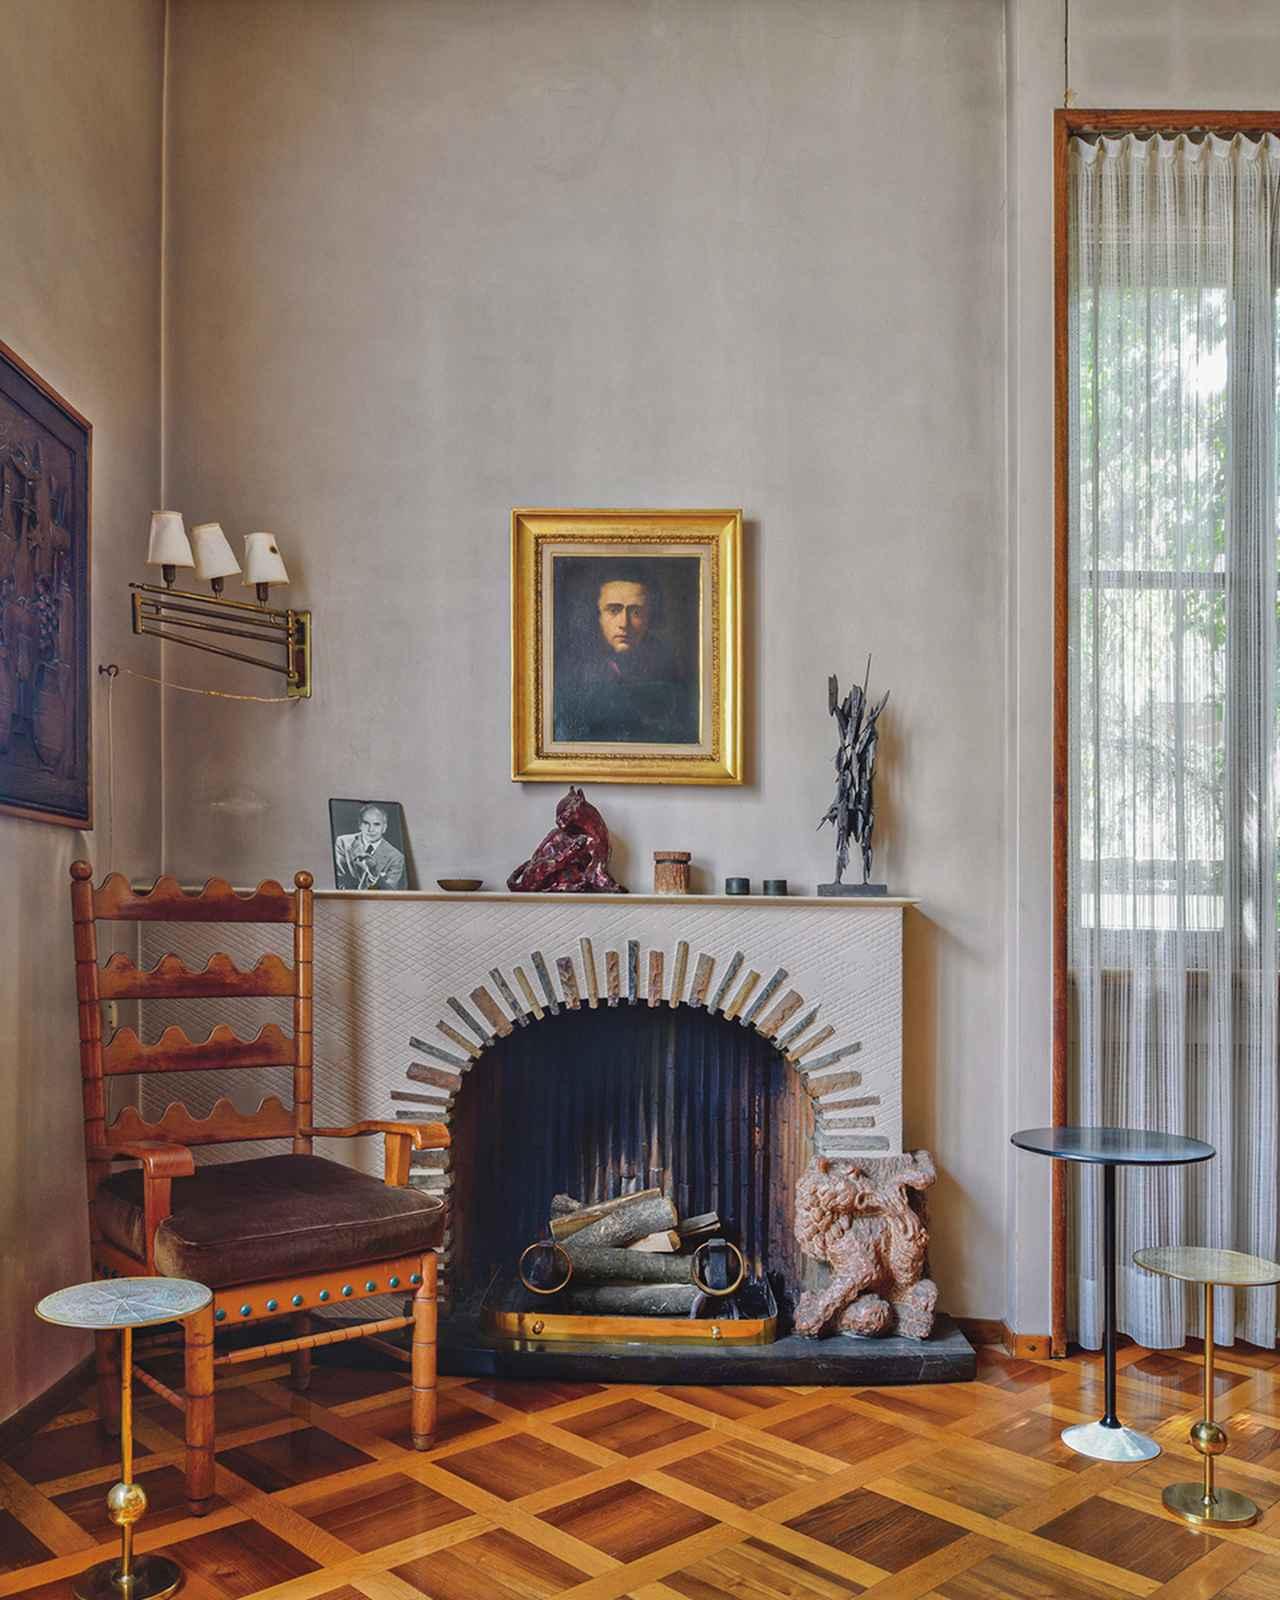 Images : 8番目の画像 - 「ボルサーニ家の邸宅に見る イタリア・モダニズムの軌跡」のアルバム - T JAPAN:The New York Times Style Magazine 公式サイト